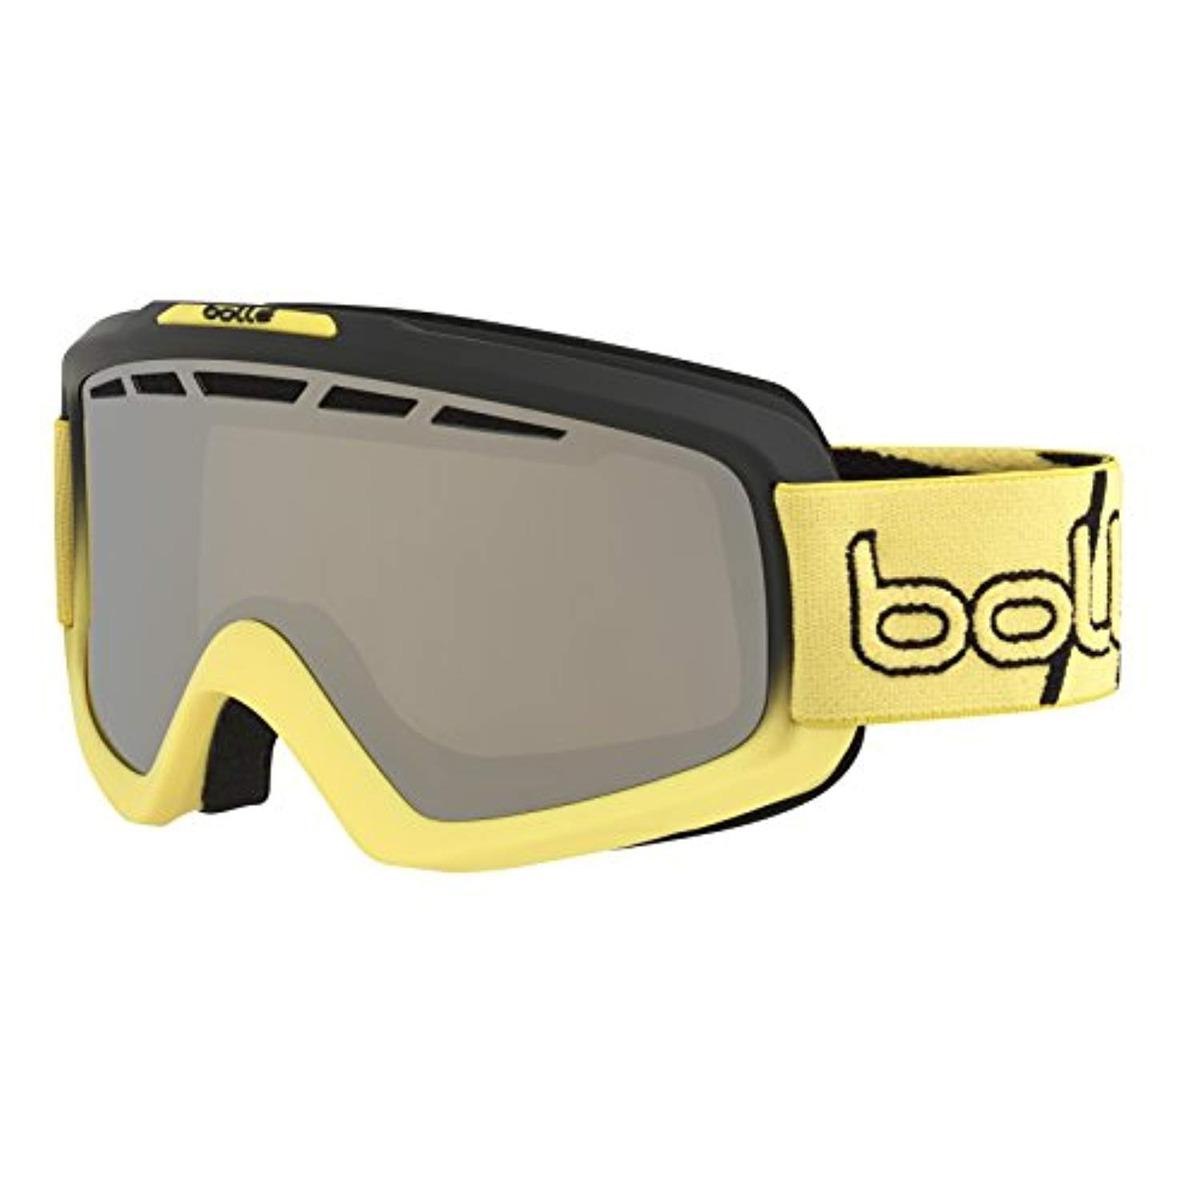 0d97e7a05e bolle 21076 nova ii gafas de esquí, blanco mate y naranja. Cargando zoom.